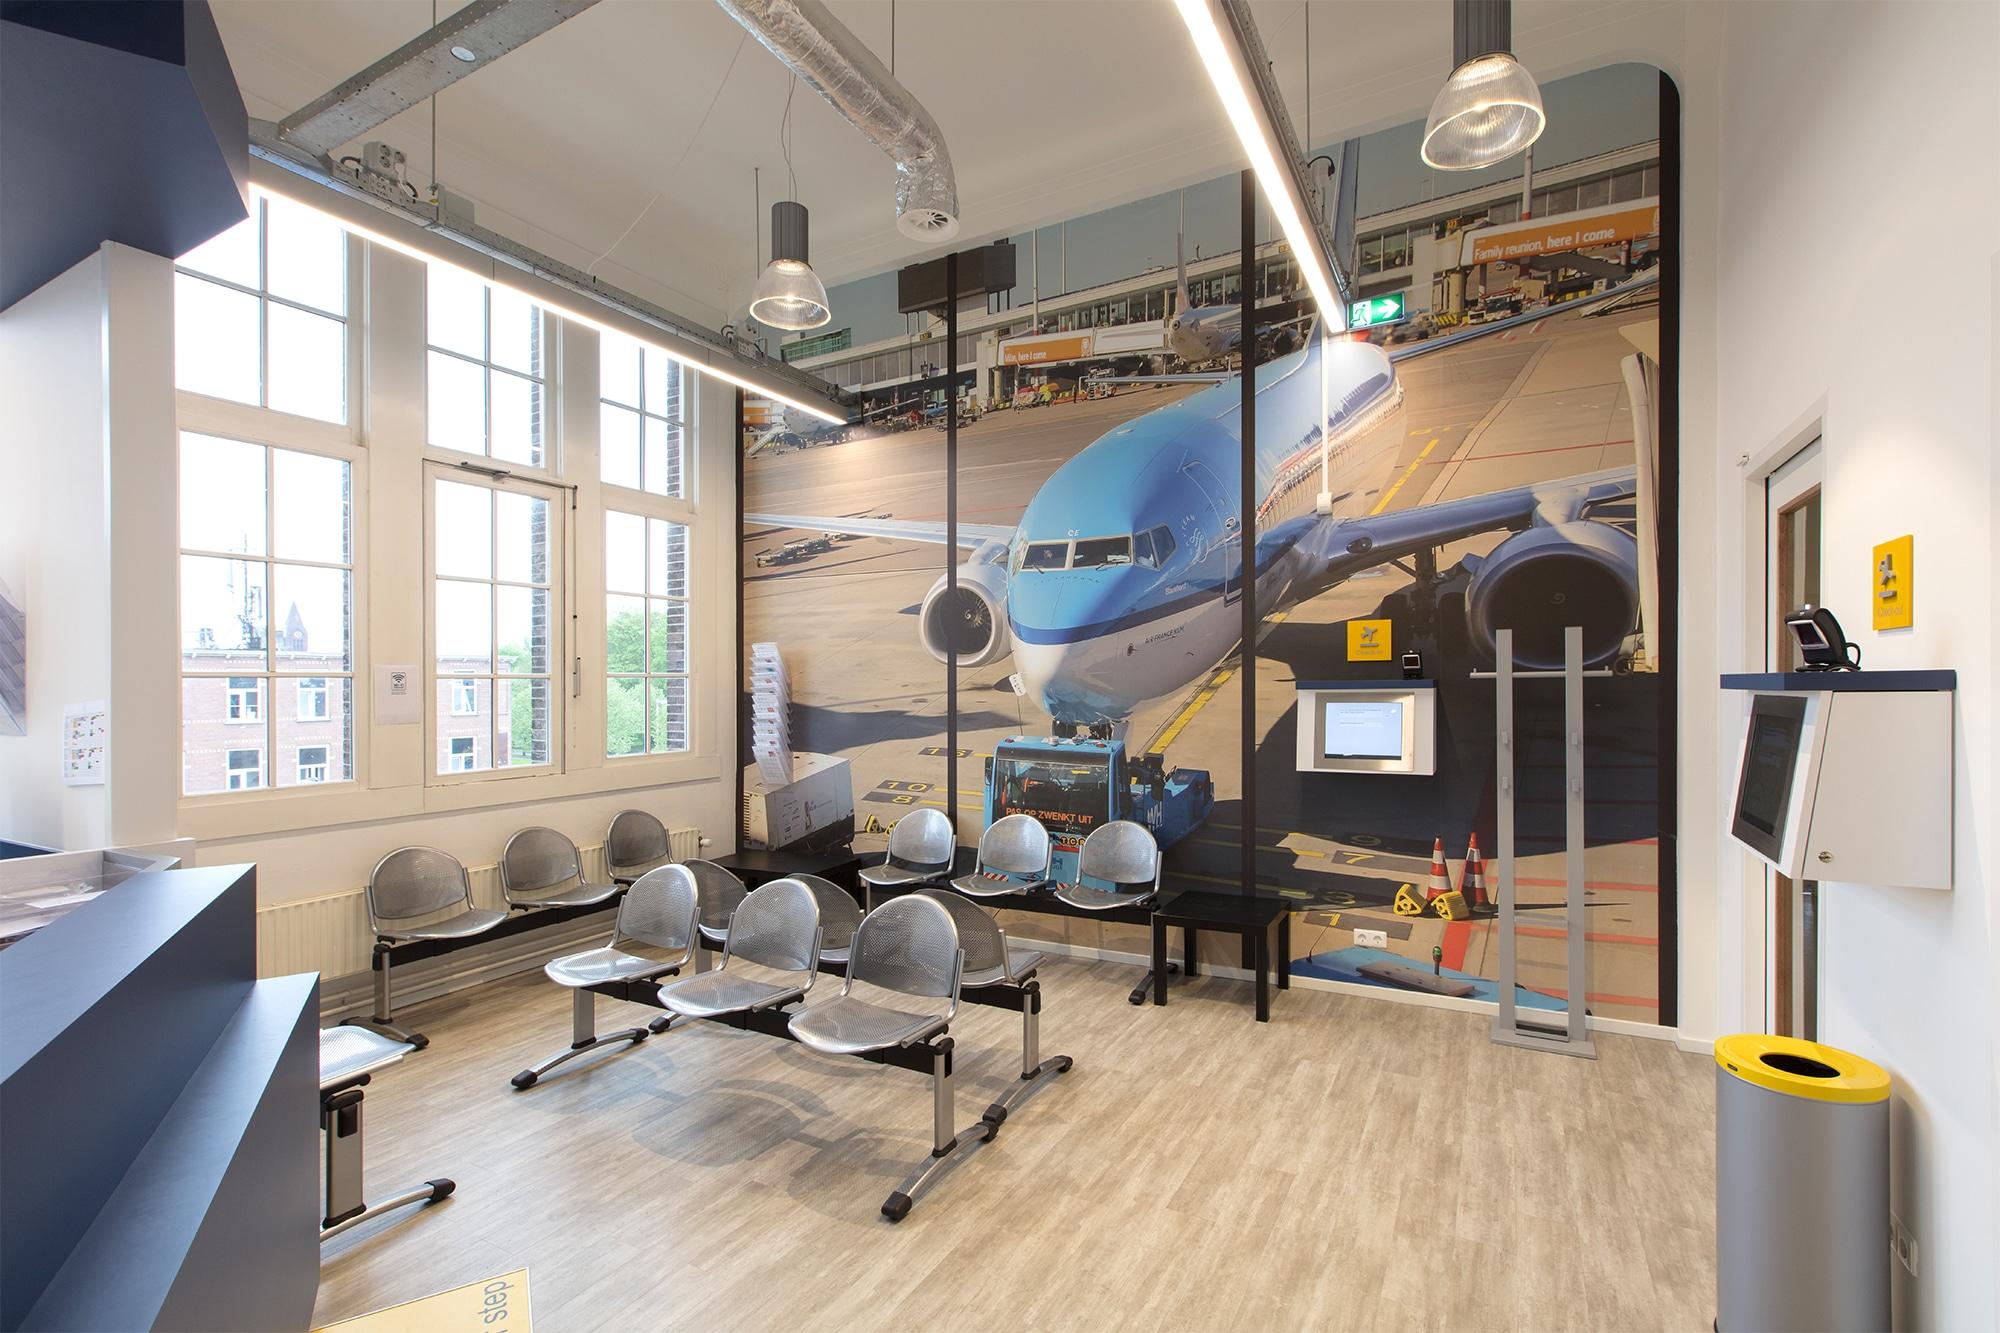 Wachtkamer van de orthodontist in Utrecht: Airportho Utrecht